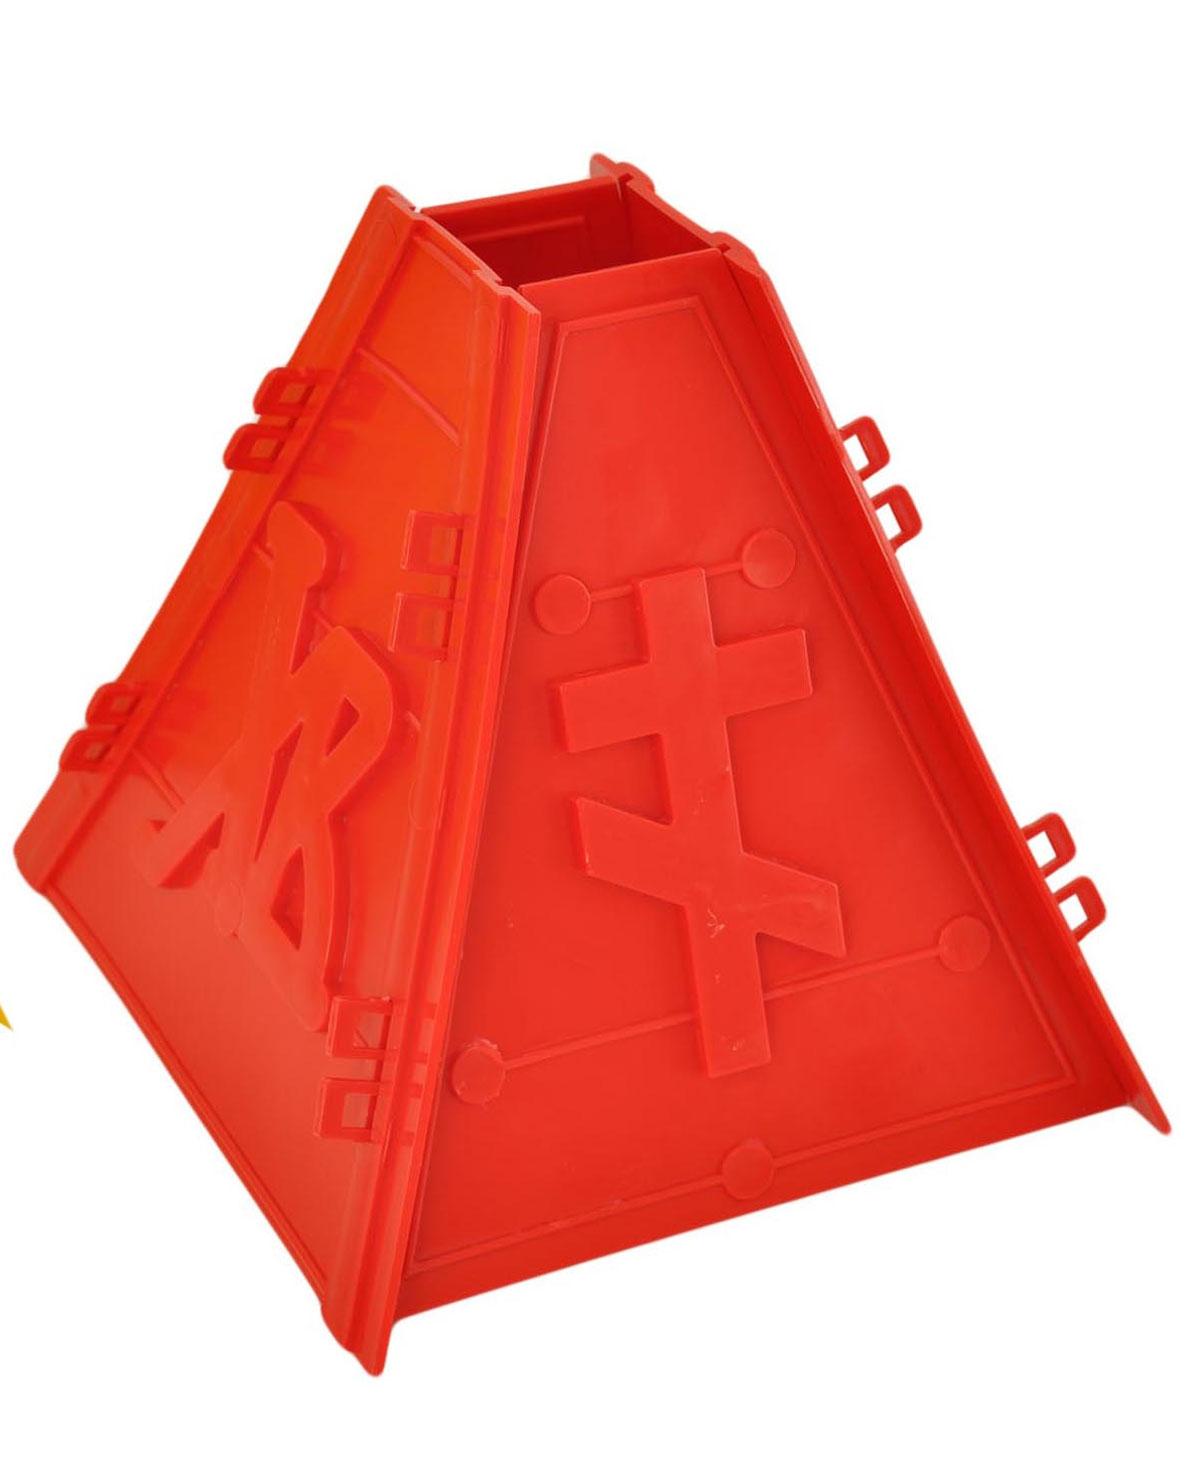 Пасочница Home Queen, цвет: красный, 16,5 х 16,5 х 18 см57290Пасочница Home Queen изготовлена из полипропилена и предназначена для придания формы творожной массе (пасхе) и удаления из нее лишней влаги. Пасочница состоит из 4 стенок. Чтобы ее собрать, необходимо вставить фиксаторы одной стенки в пазы другой. Пасочница Home Queen может стать оригинальным пасхальным подарком для друзей или близких.